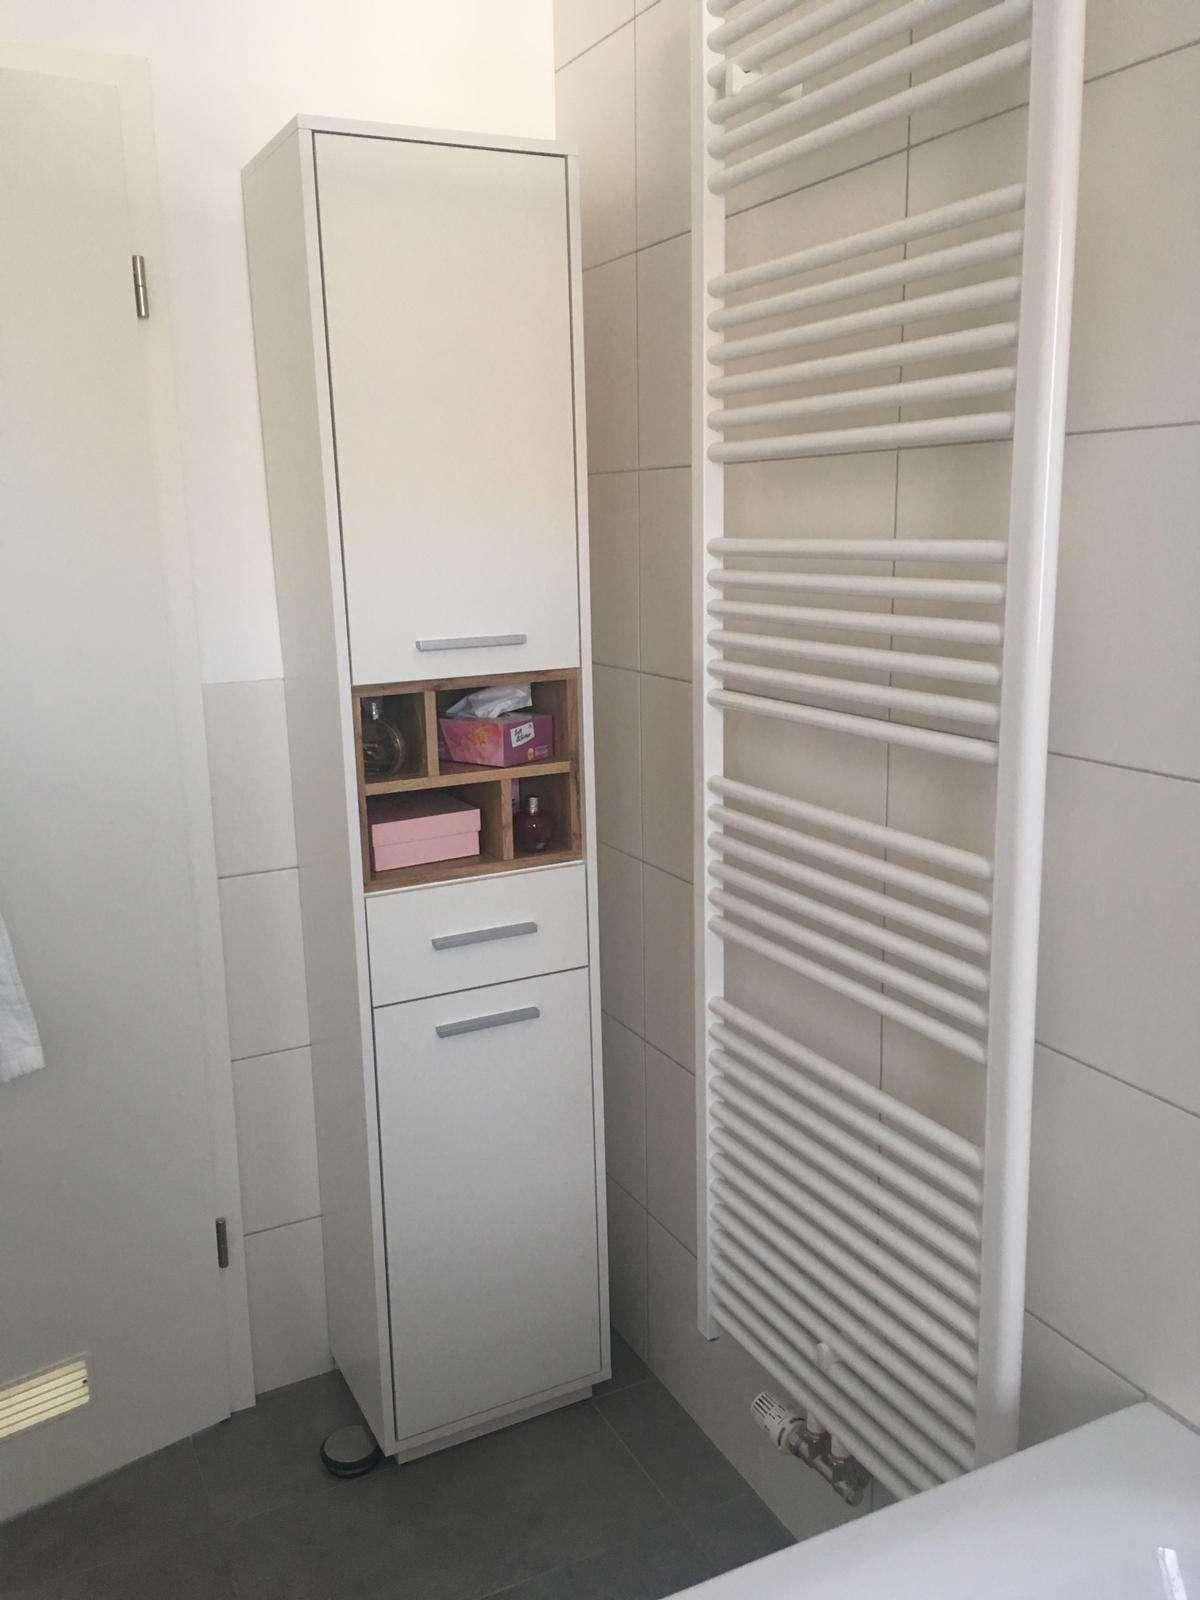 Totalrenovierung 2020: Traumhafte 2-Zimmer-Wohnung mit 57 qm zur Miete in